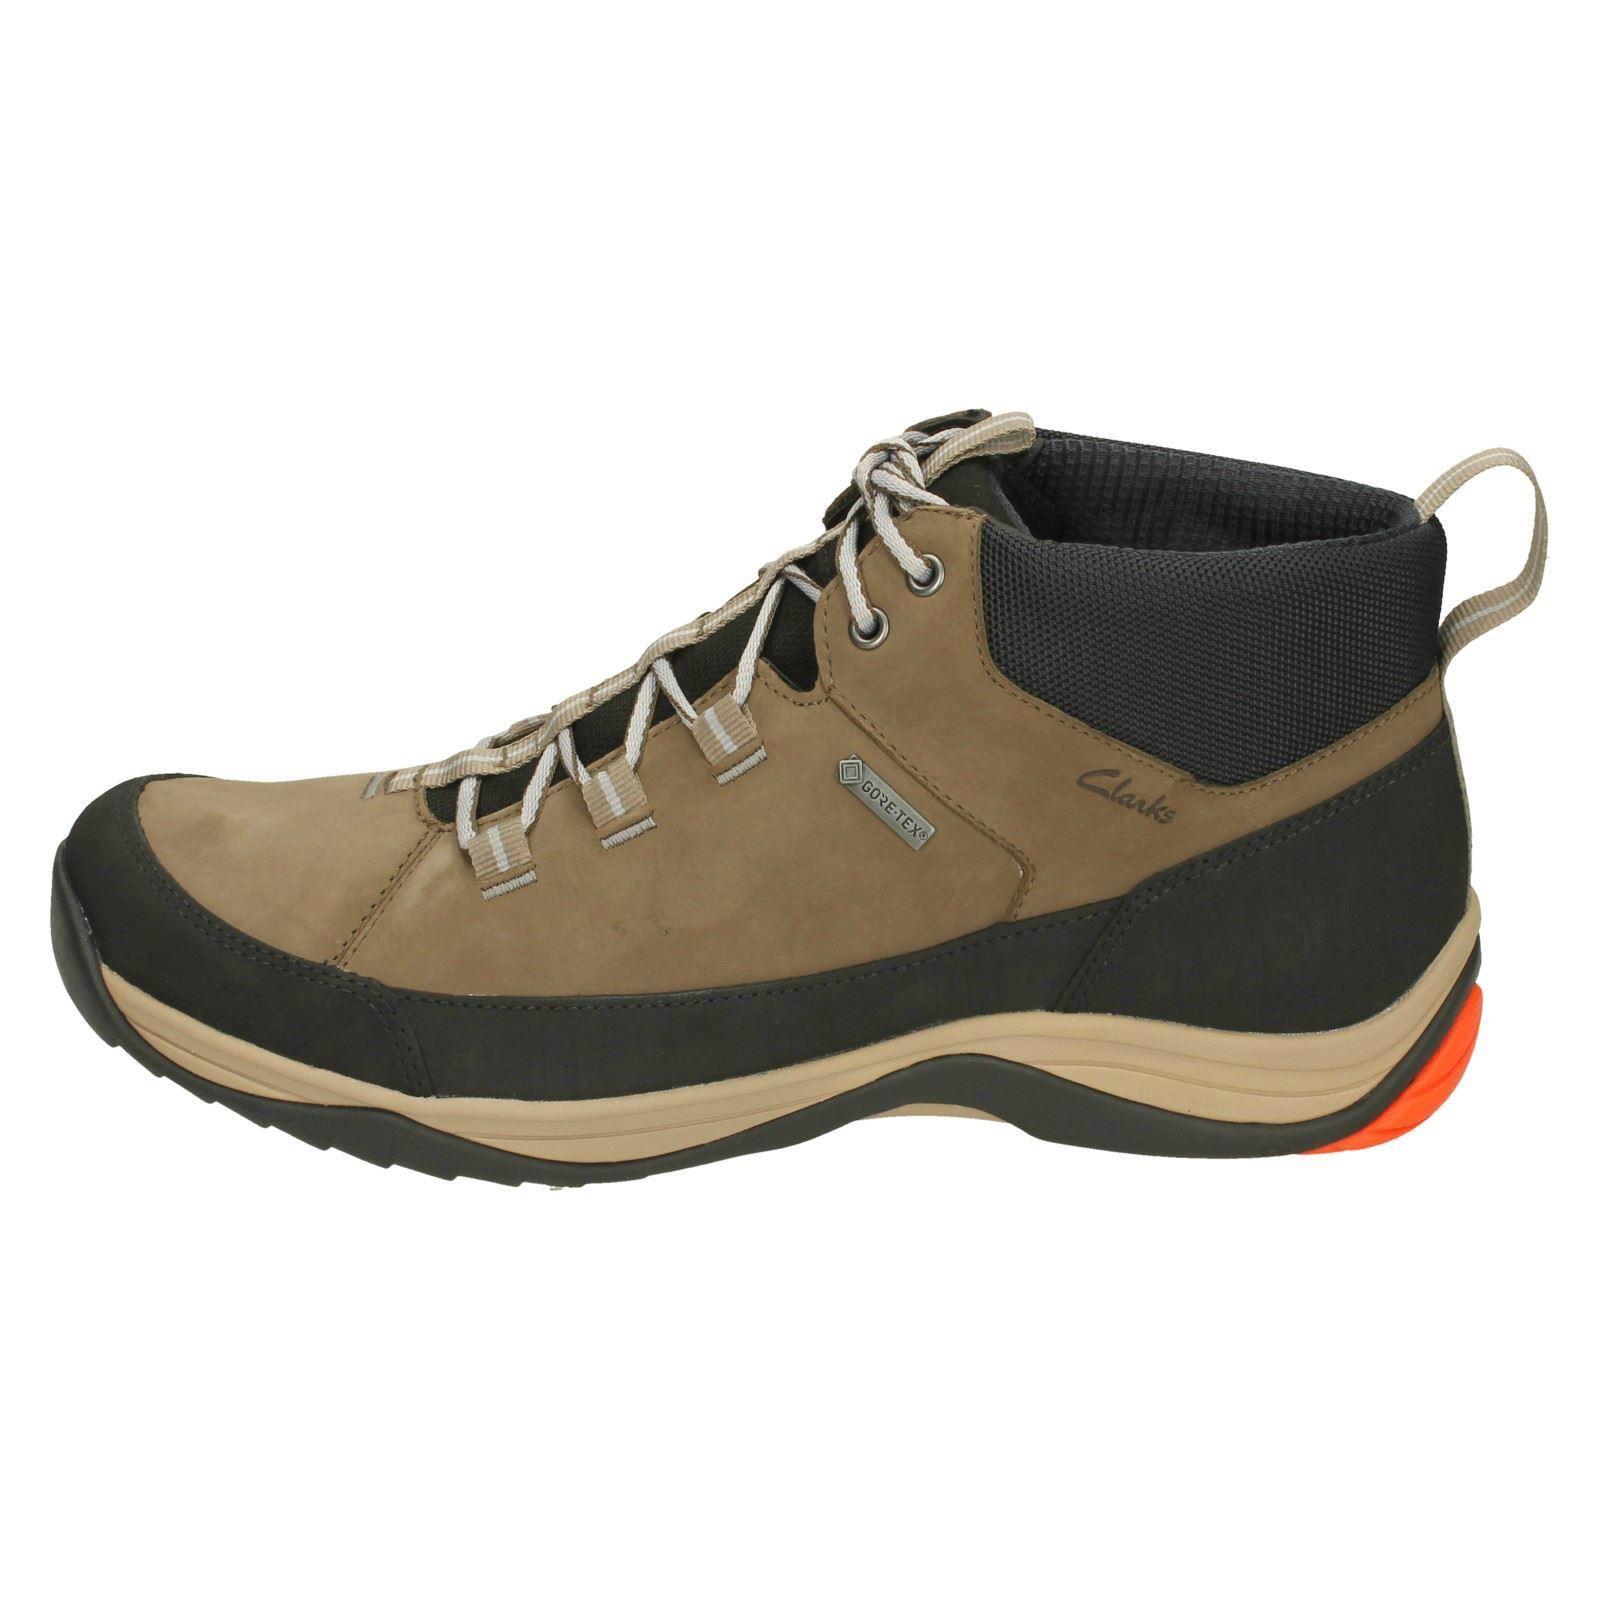 para Mushroom Goretex Gtx botas Clarks Baystone para con Hi caminar de casual cordones cuero marrón hombre 5FxxTX6